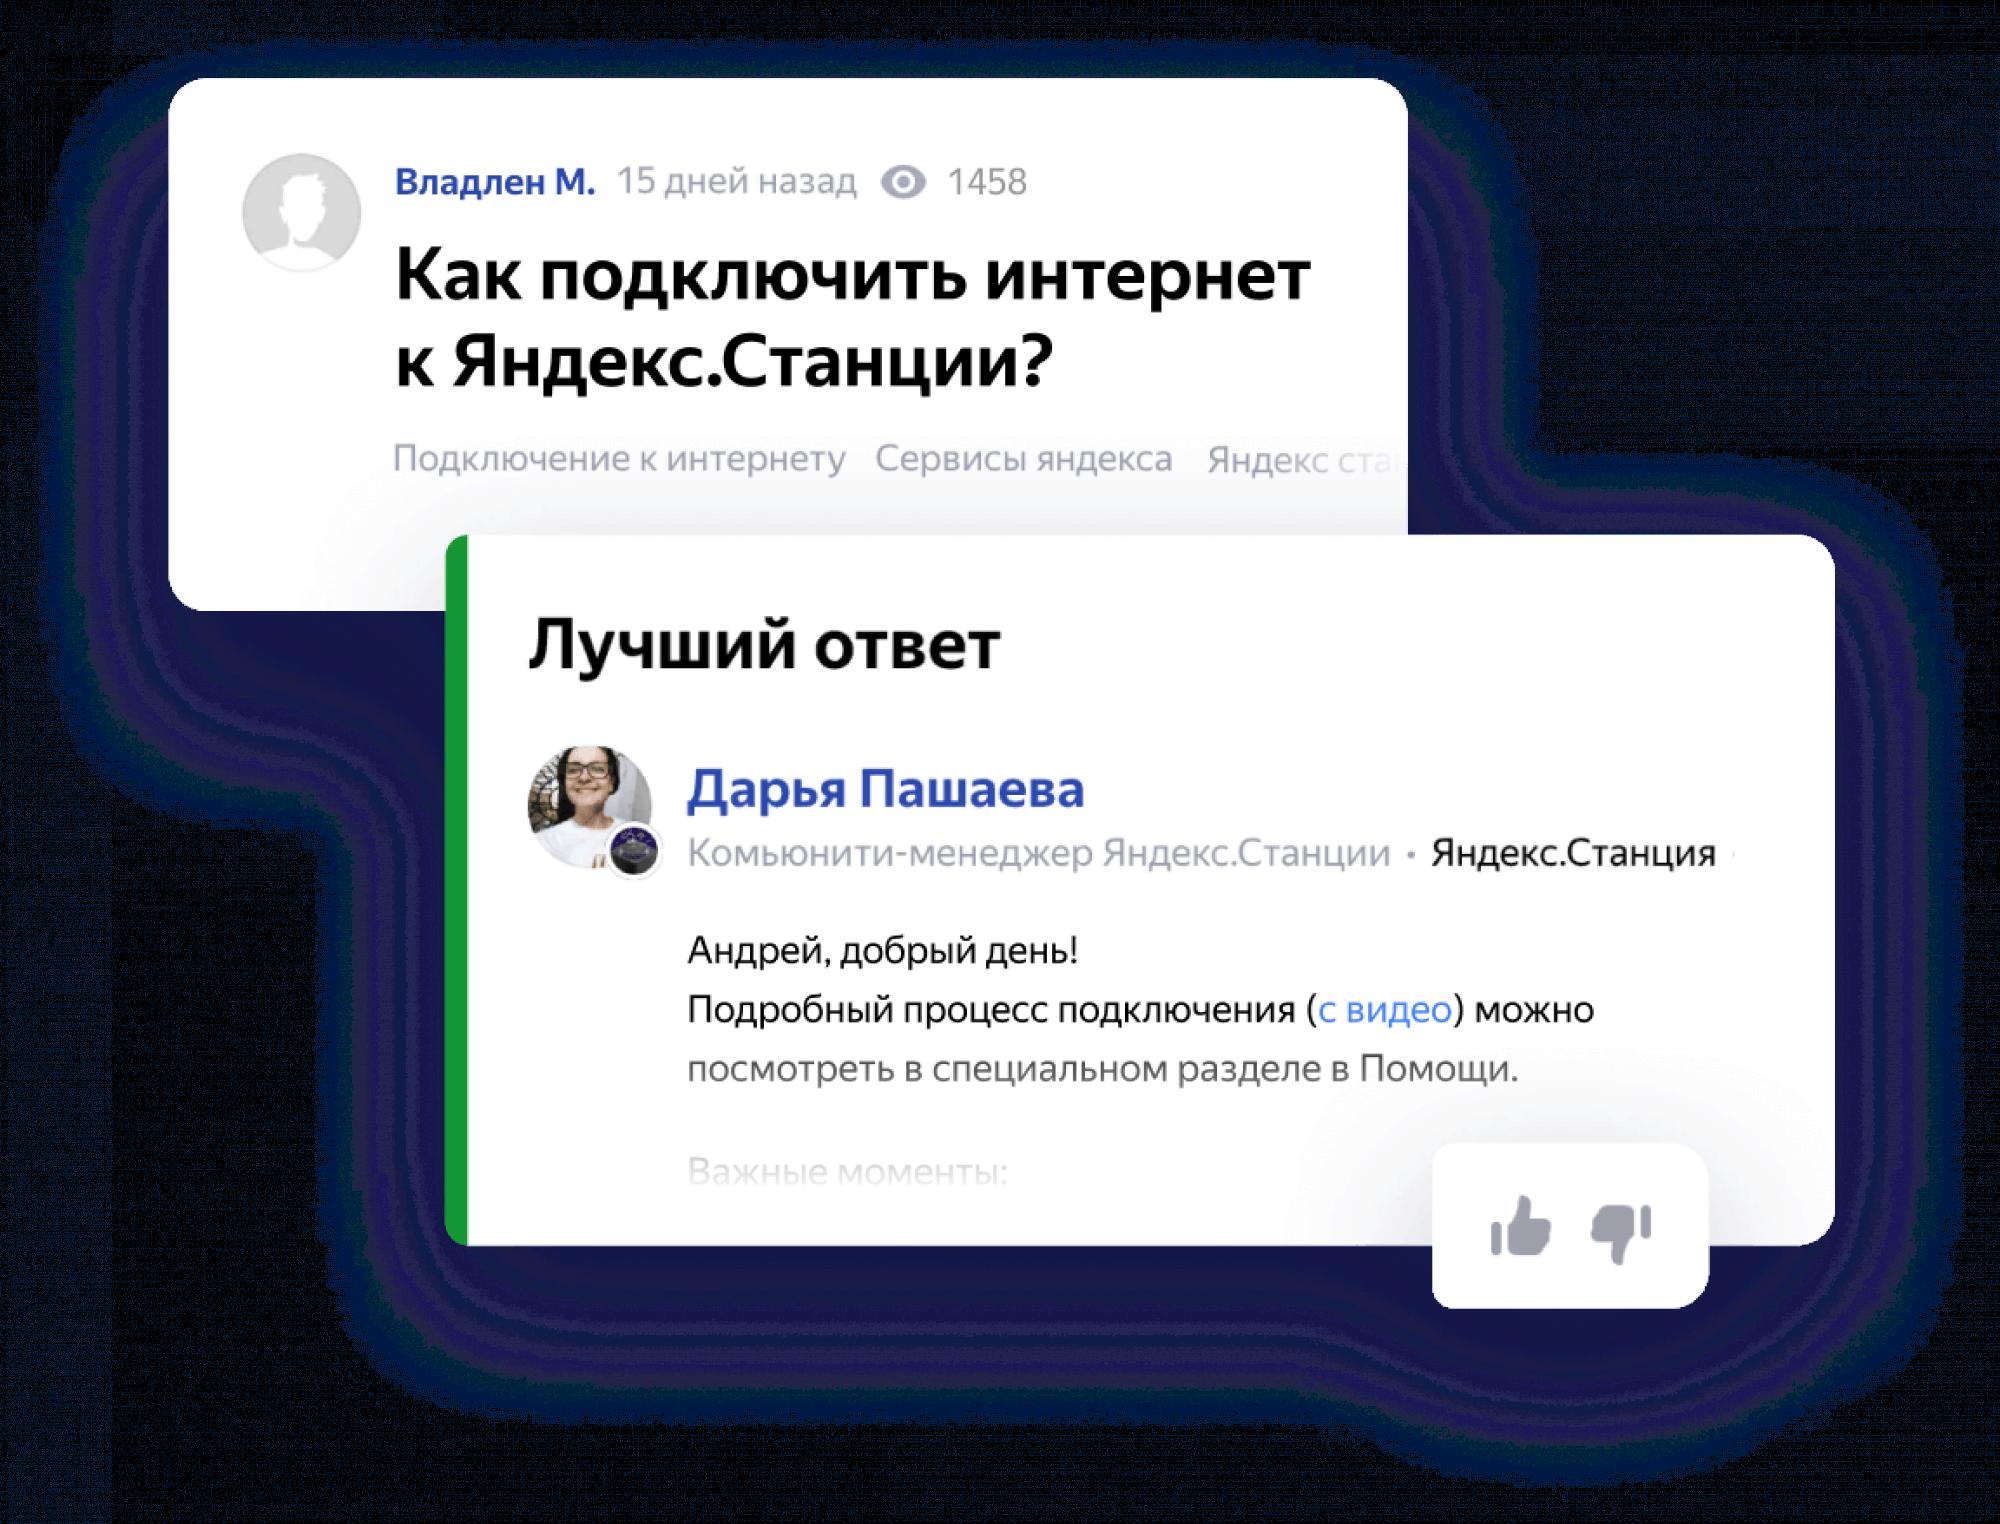 В Яндекс.Знатоках появился функционал для продвижения компаний